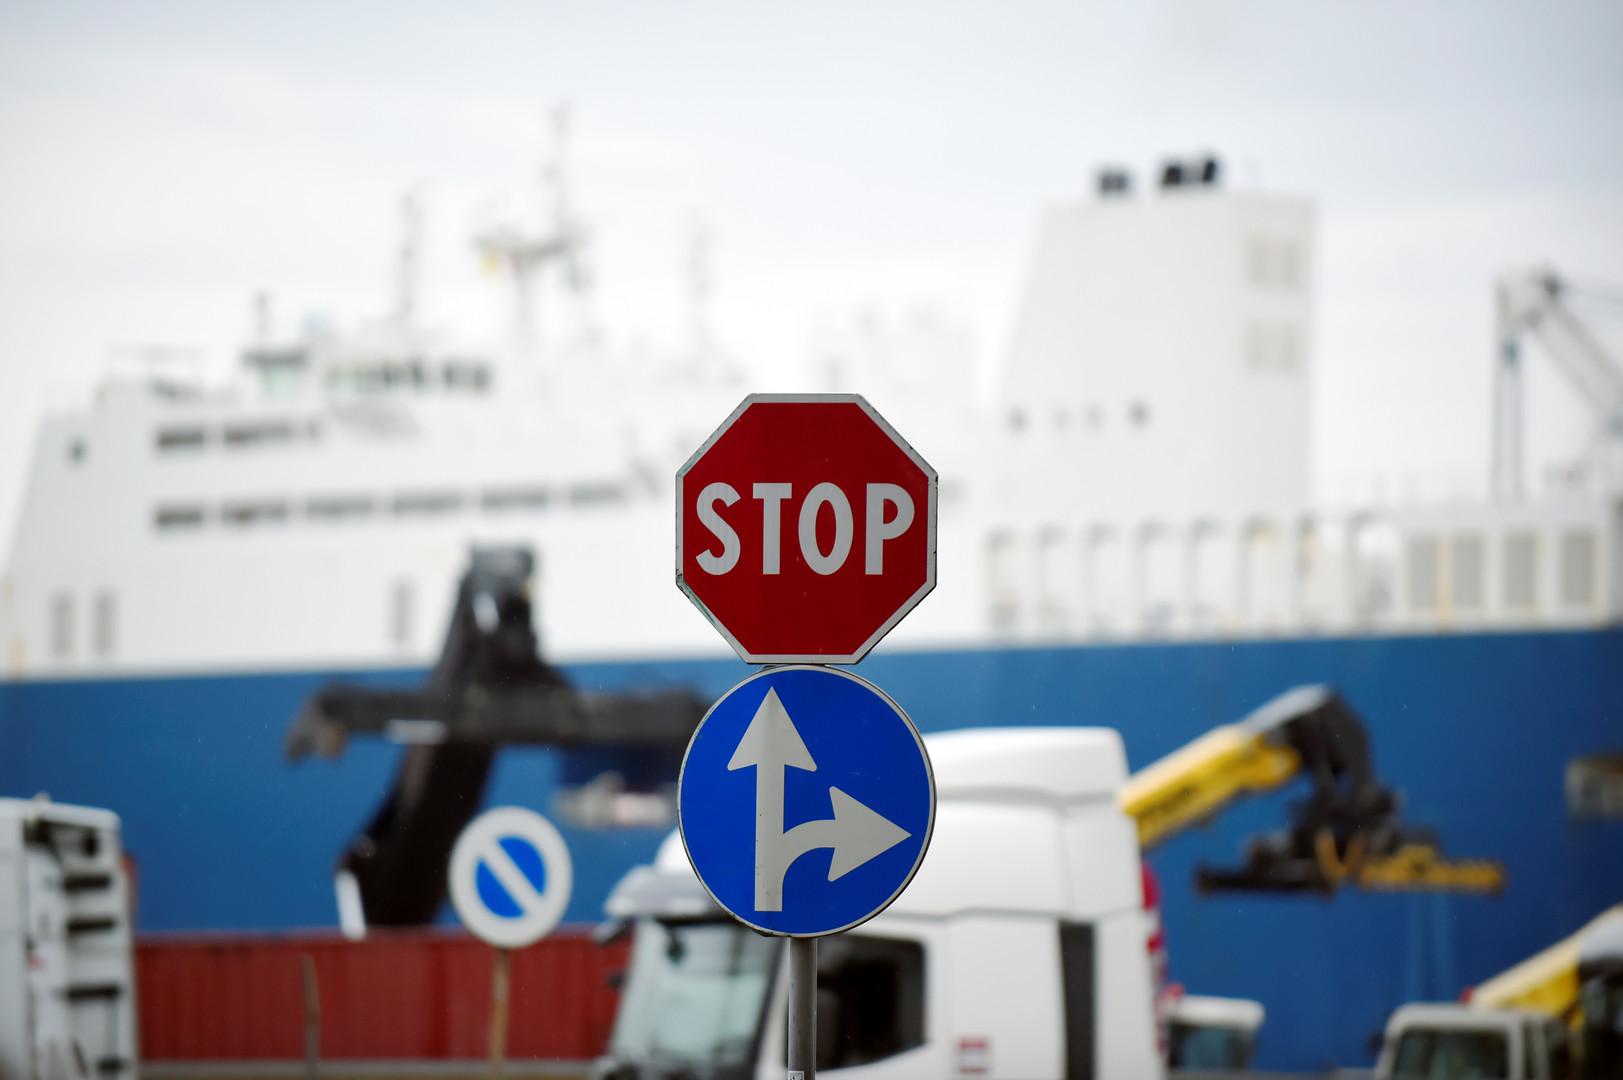 سفينة شحن سعودية في ميناء فرنسي-أرشيف